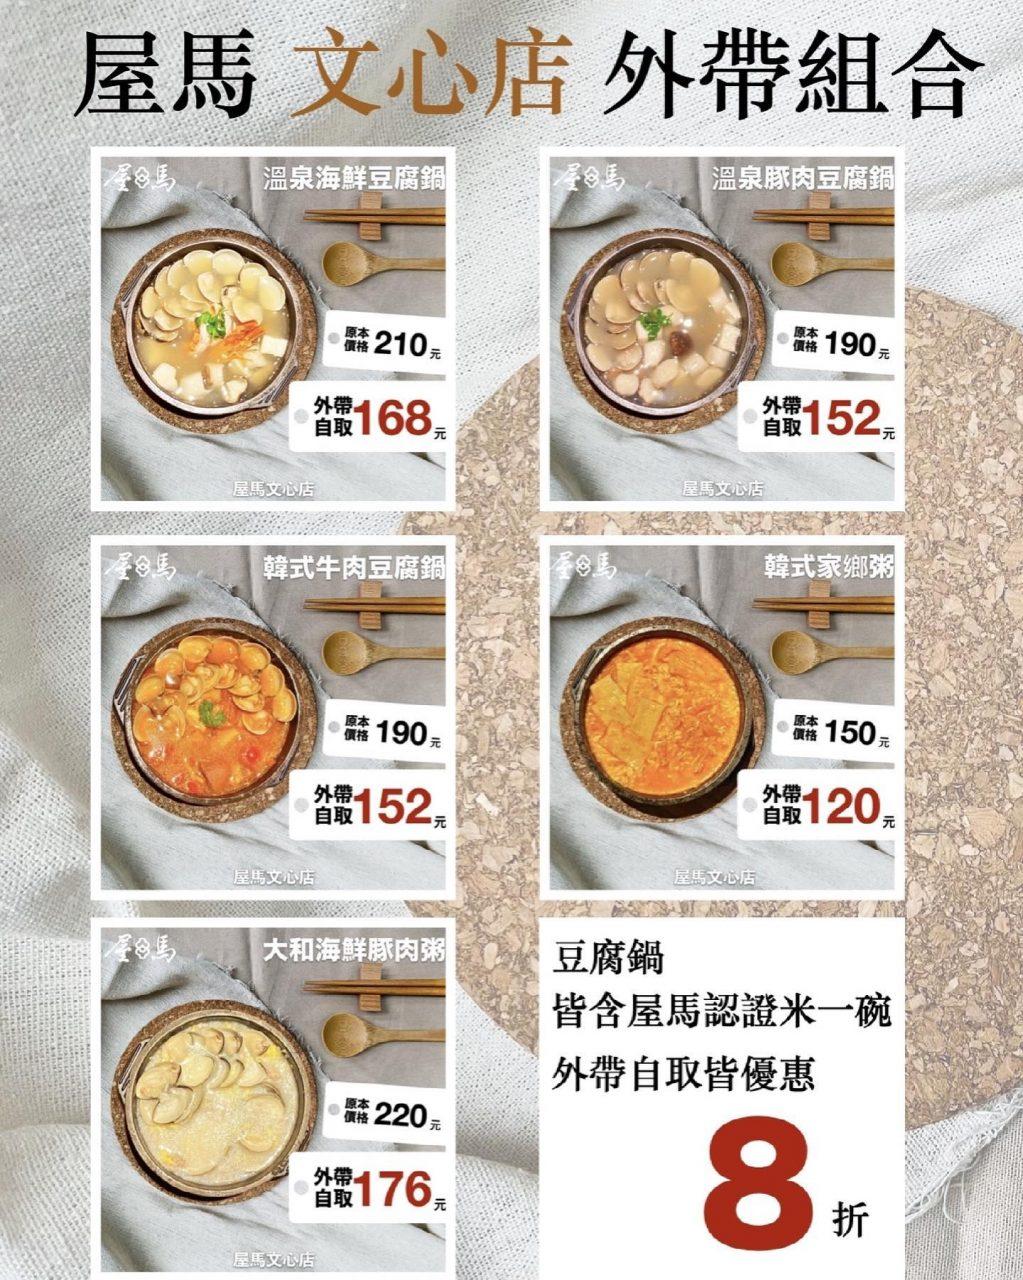 【外帶餐廳推薦】盤點全台最優惠前十名外帶套餐菜單